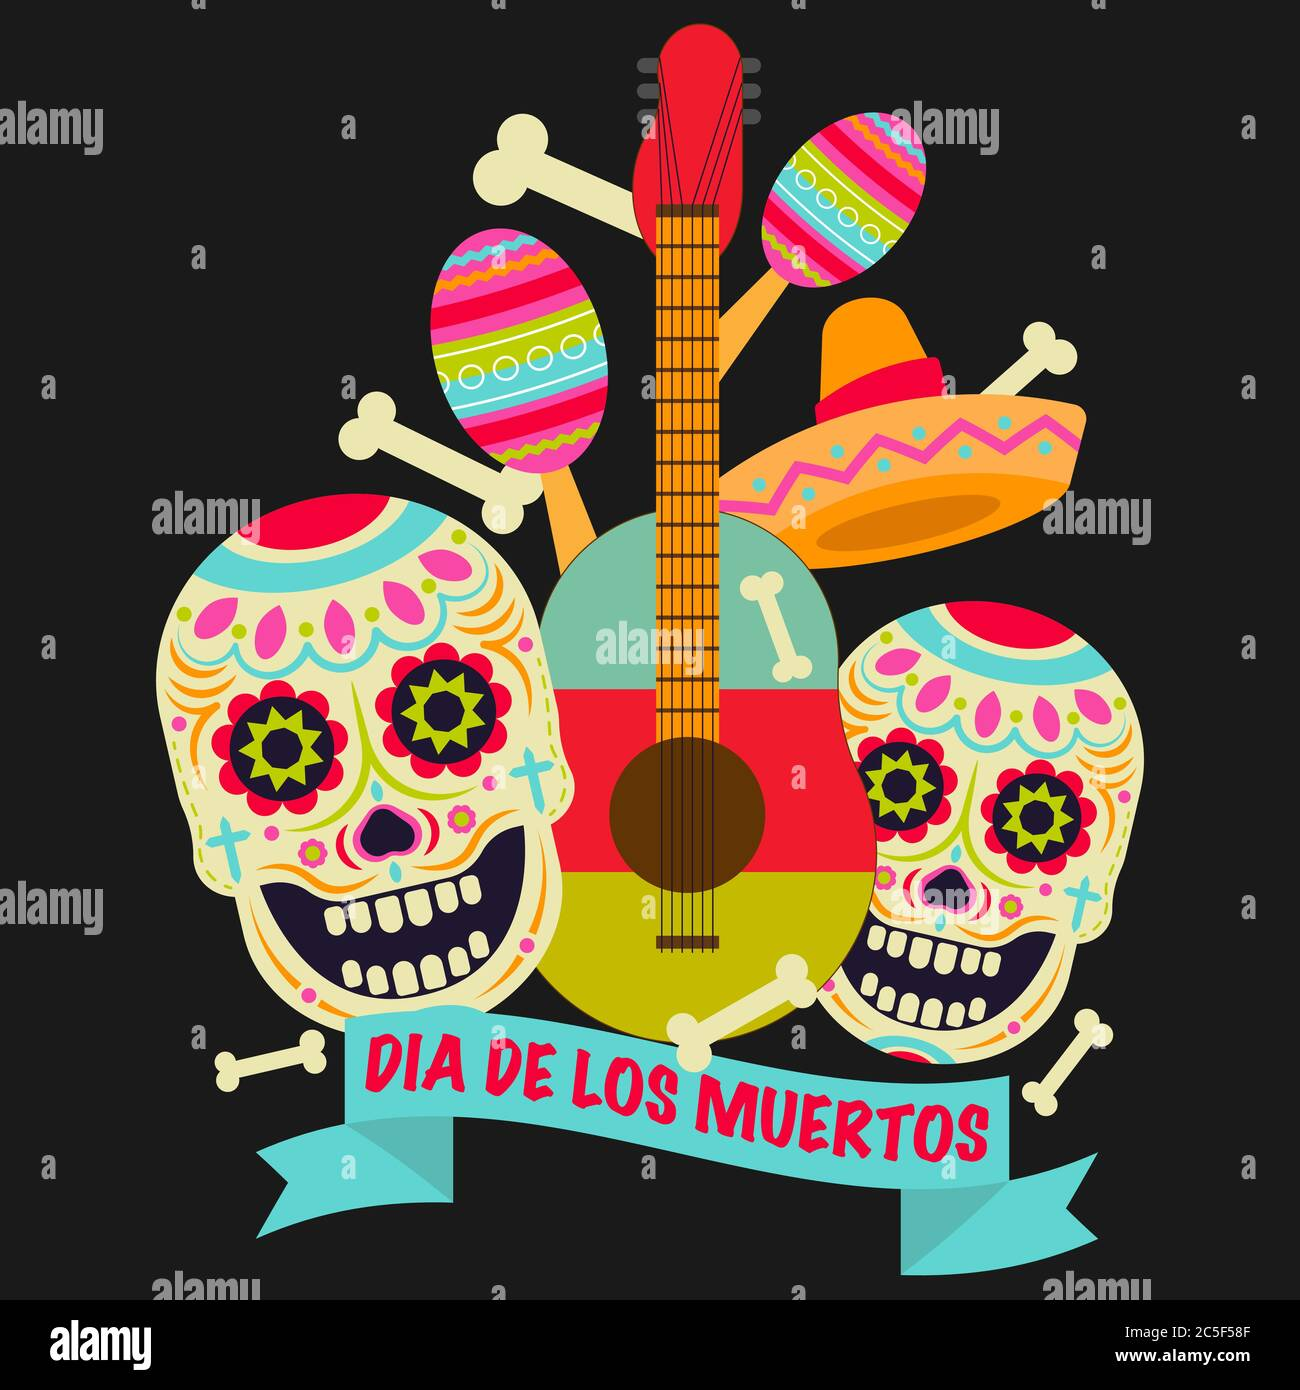 Icône vecteur crâne de sucre (Calavera). Jour des morts (Dia de los moertos) Fiesta et affiche de vacances. Décoration mexicaine colorée fête circulaire de bienvenue Illustration de Vecteur